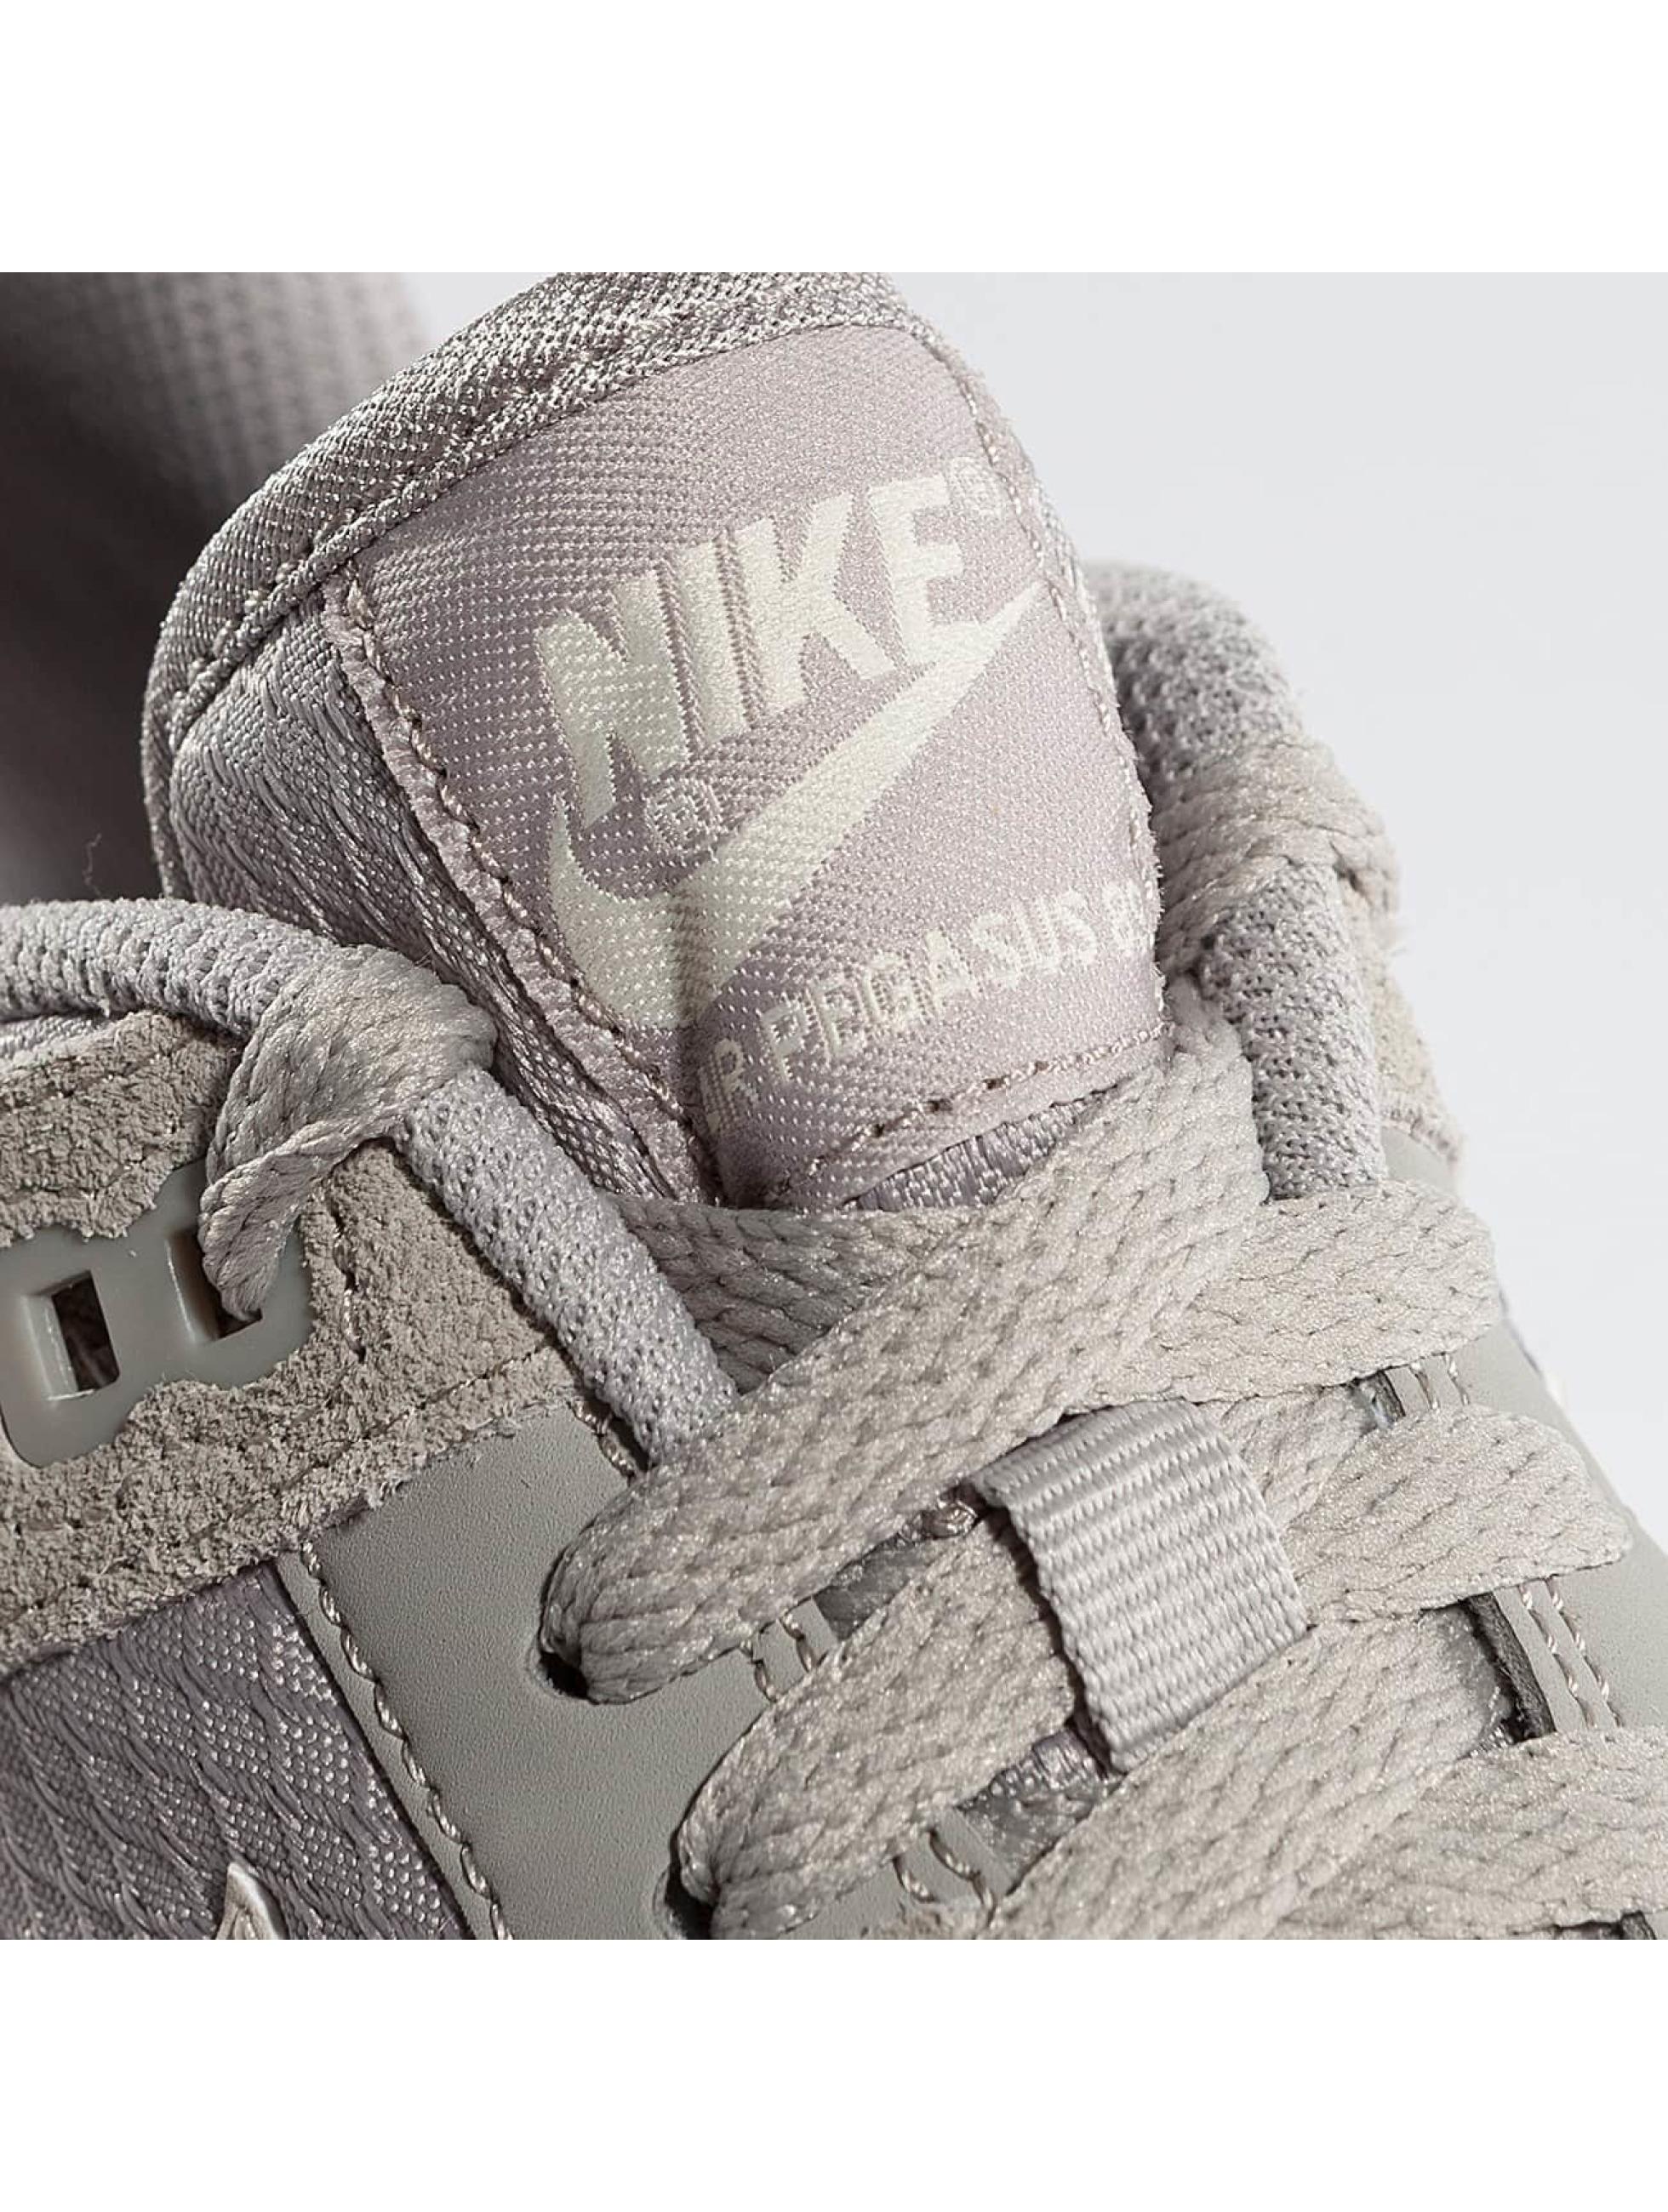 Nike Sneakers WMNS Air Pegasus '89 šedá